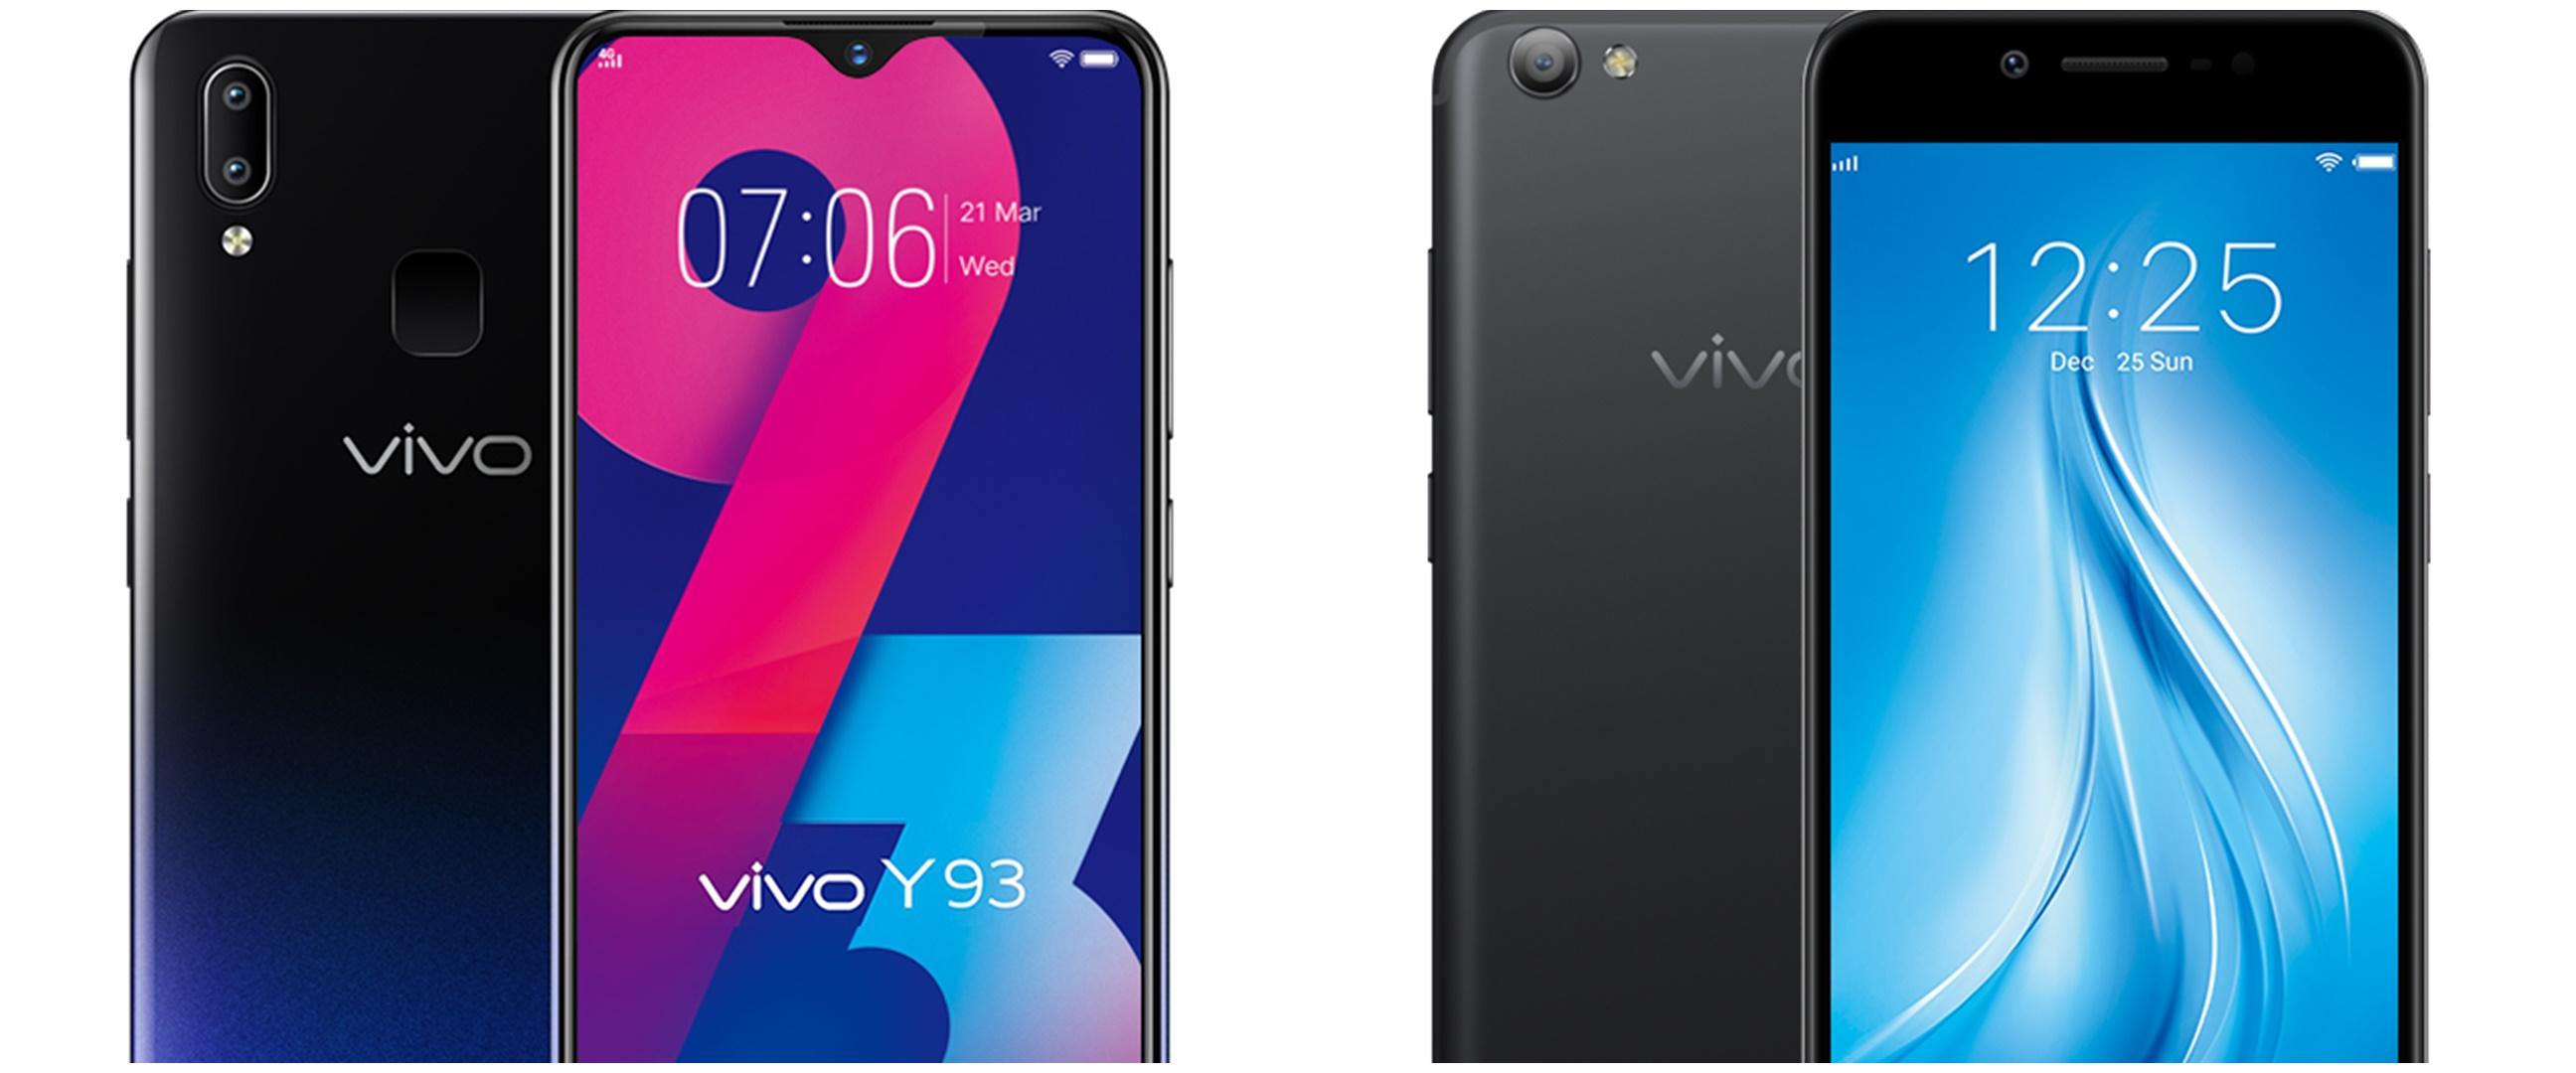 10 HP Vivo harga Rp 1 jutaan, murah tapi nggak murahan